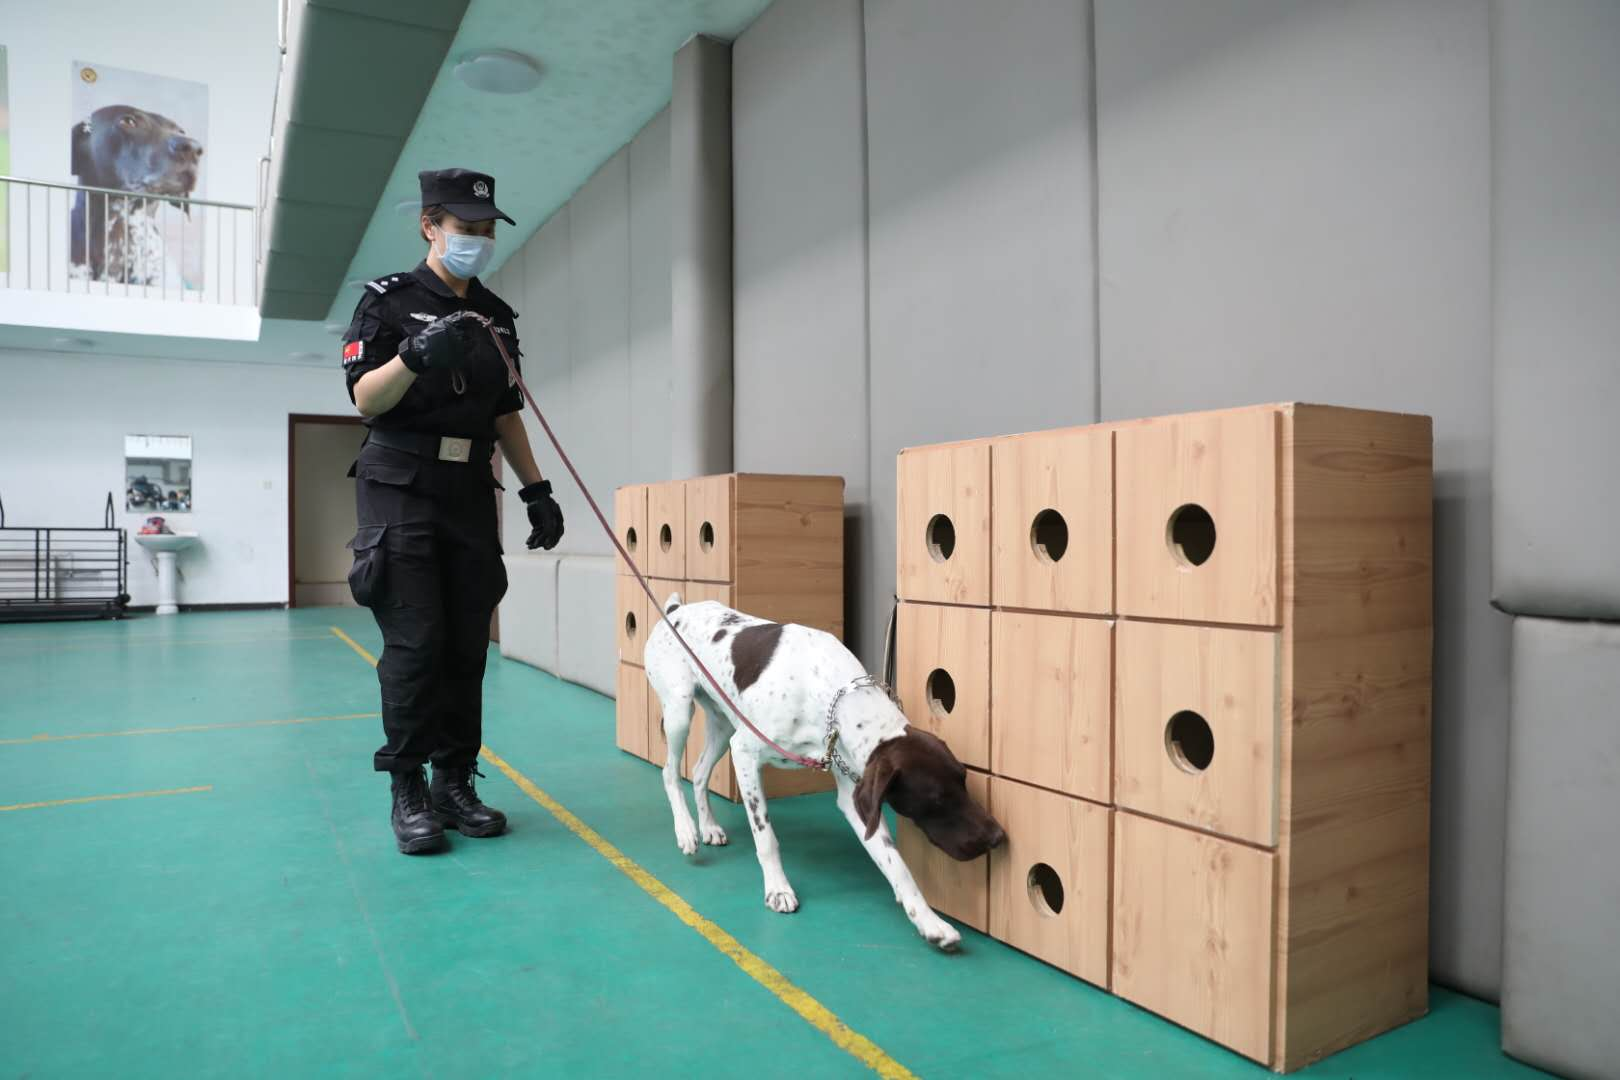 民警带领警犬在可疑物附近搜索。新京报记者 王飞 摄